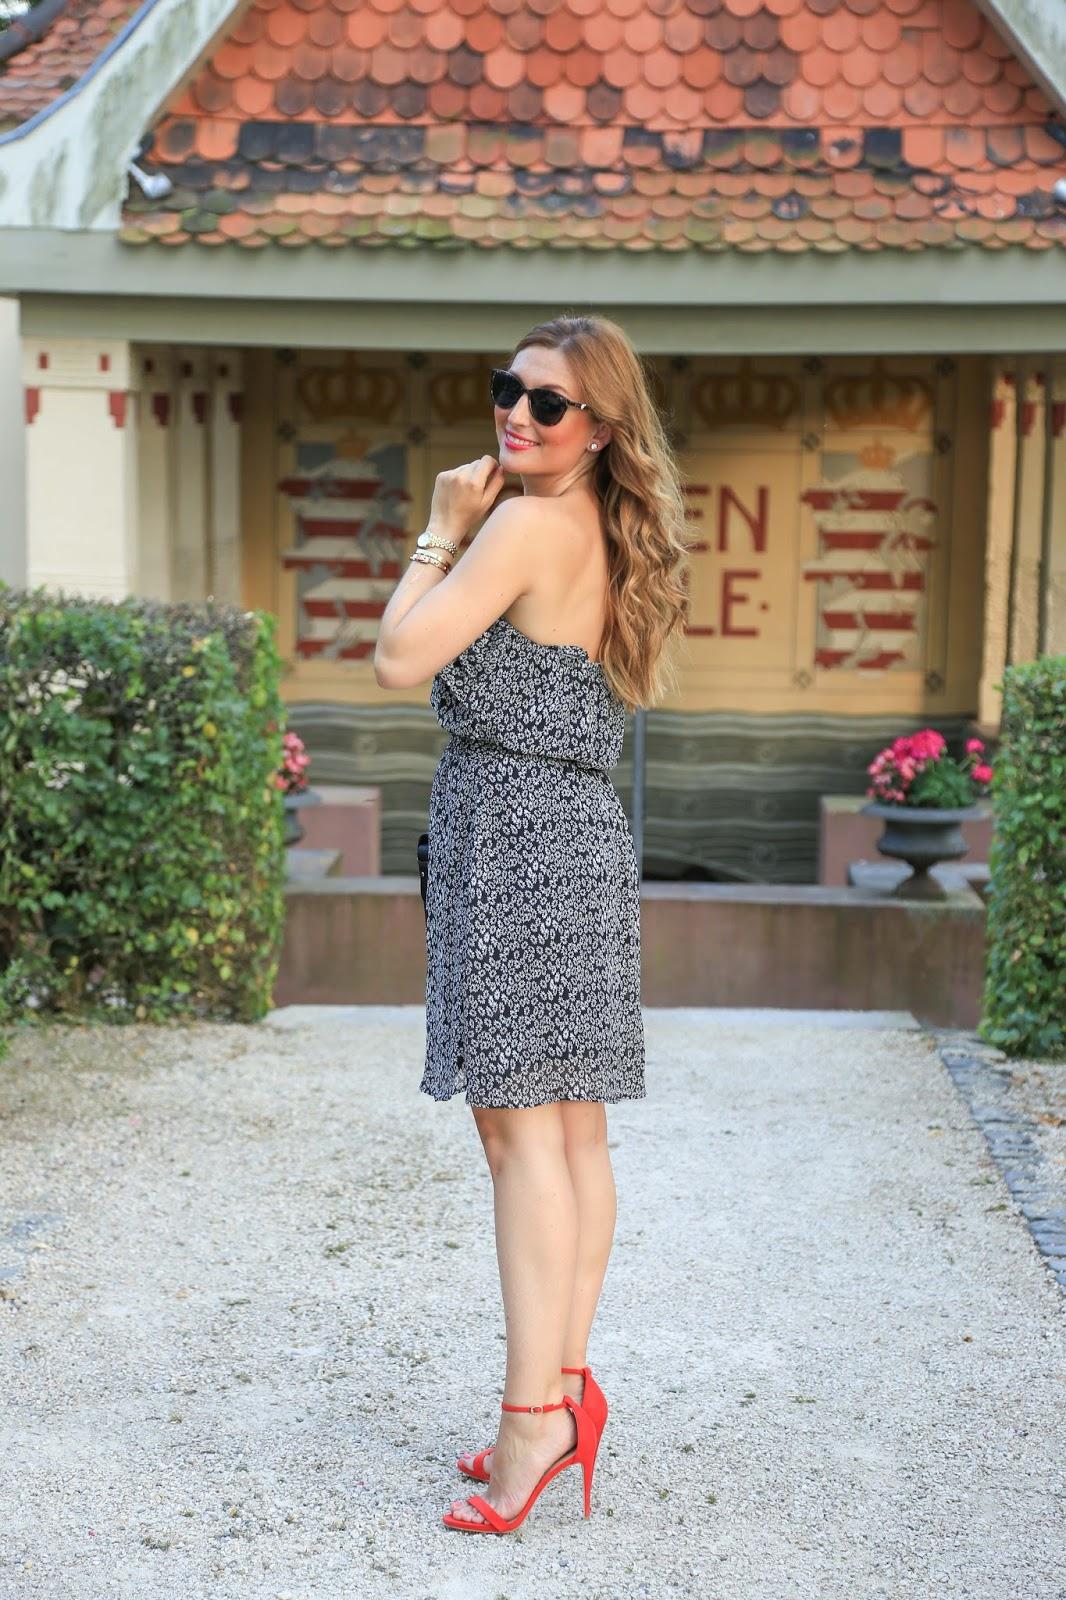 Rote Sandaletten - Blumenkleid - Schwarzes Blumenkleid - Blogger aus Deutschland